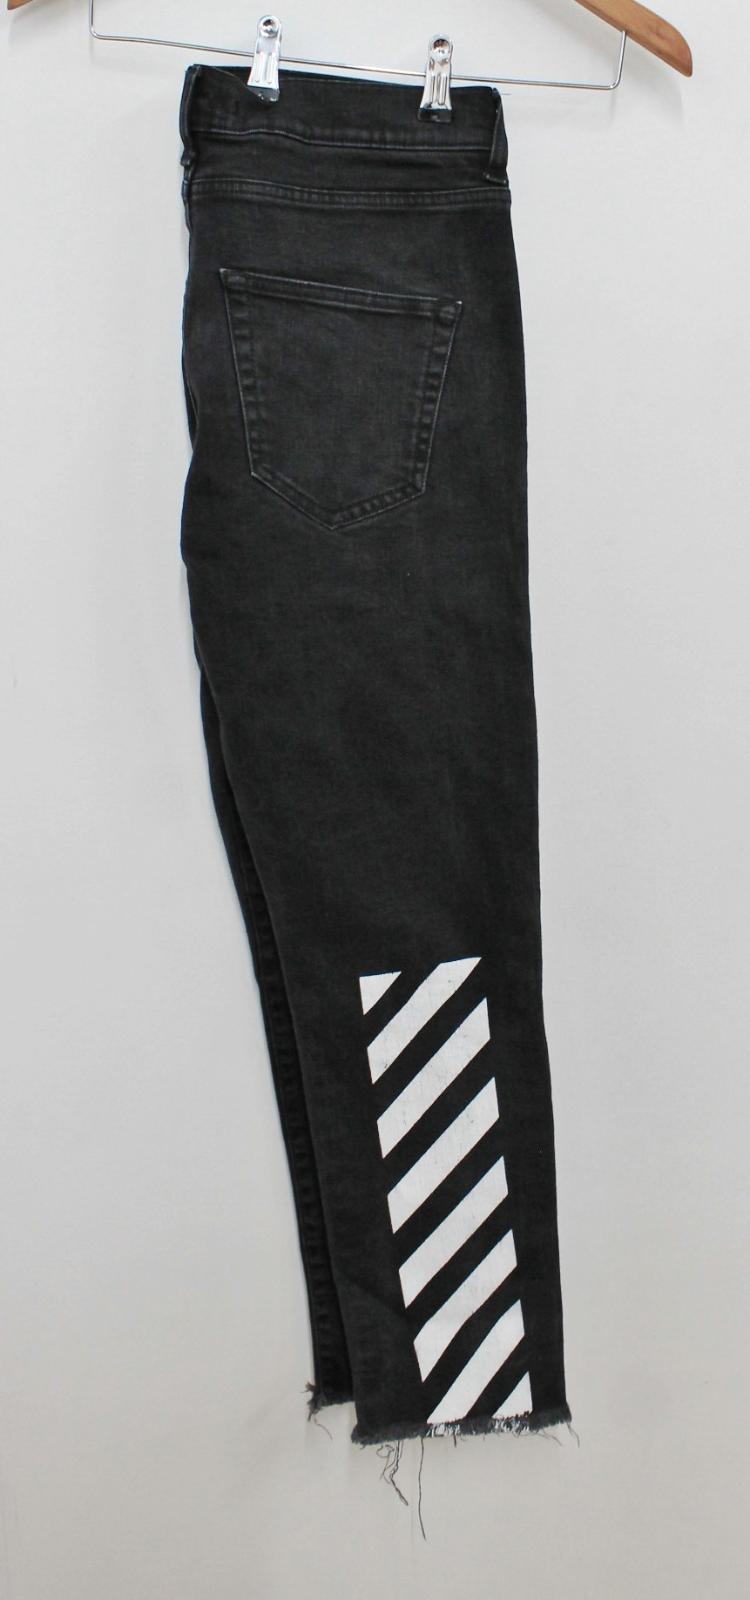 neri sfilacciati color W31 bianco in lavato da uomo stile nero L27 Jeans bordi stampati piedino con v5qzwxp